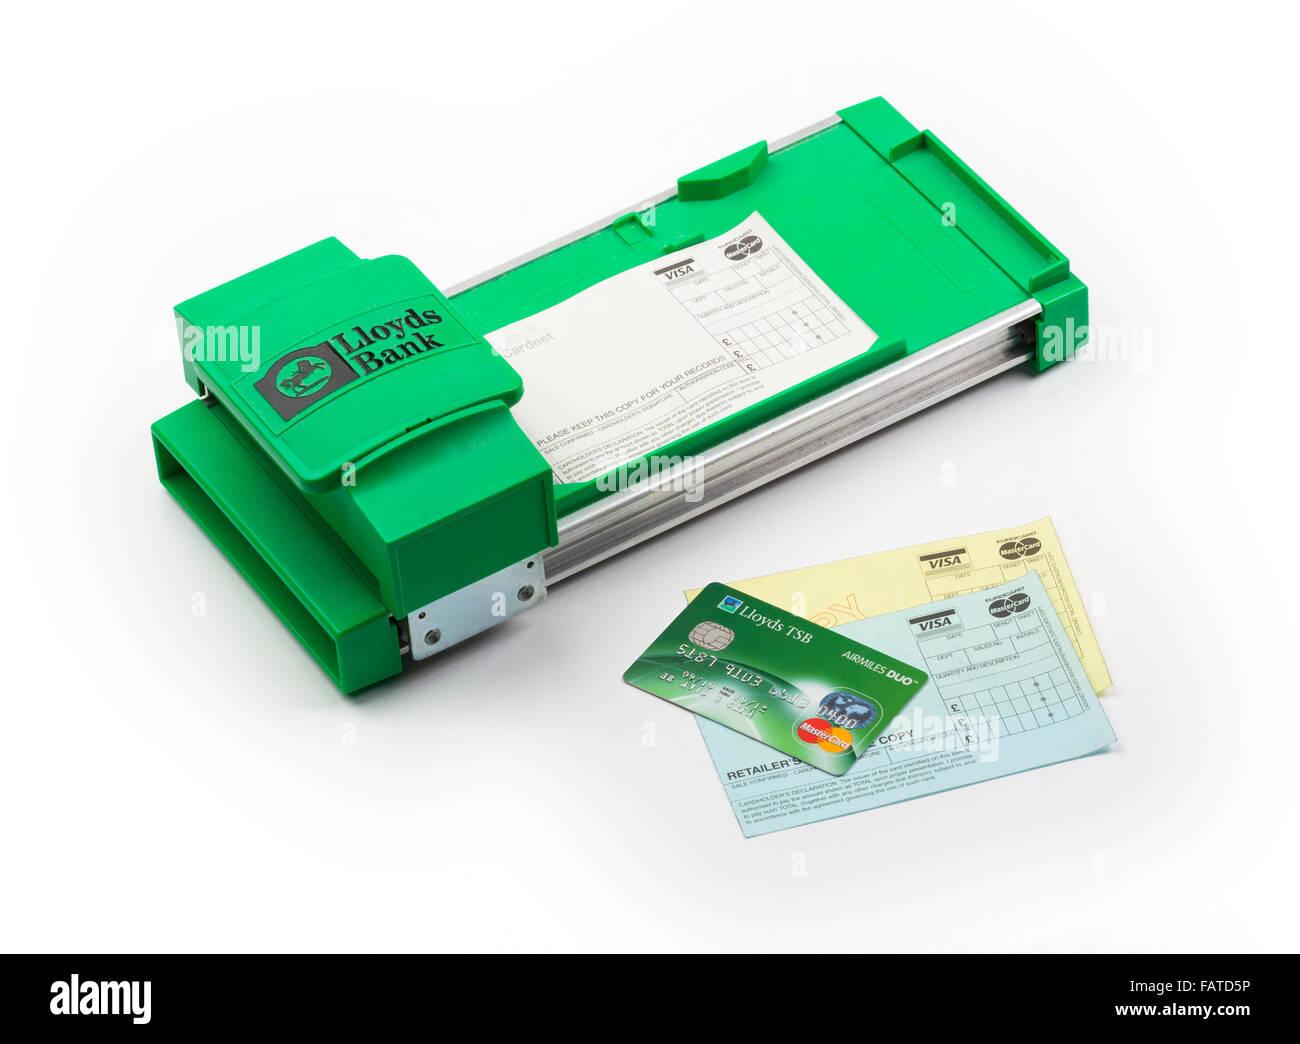 Kreditkarten-Imprinter Maschine manuell betrieben Stockbild